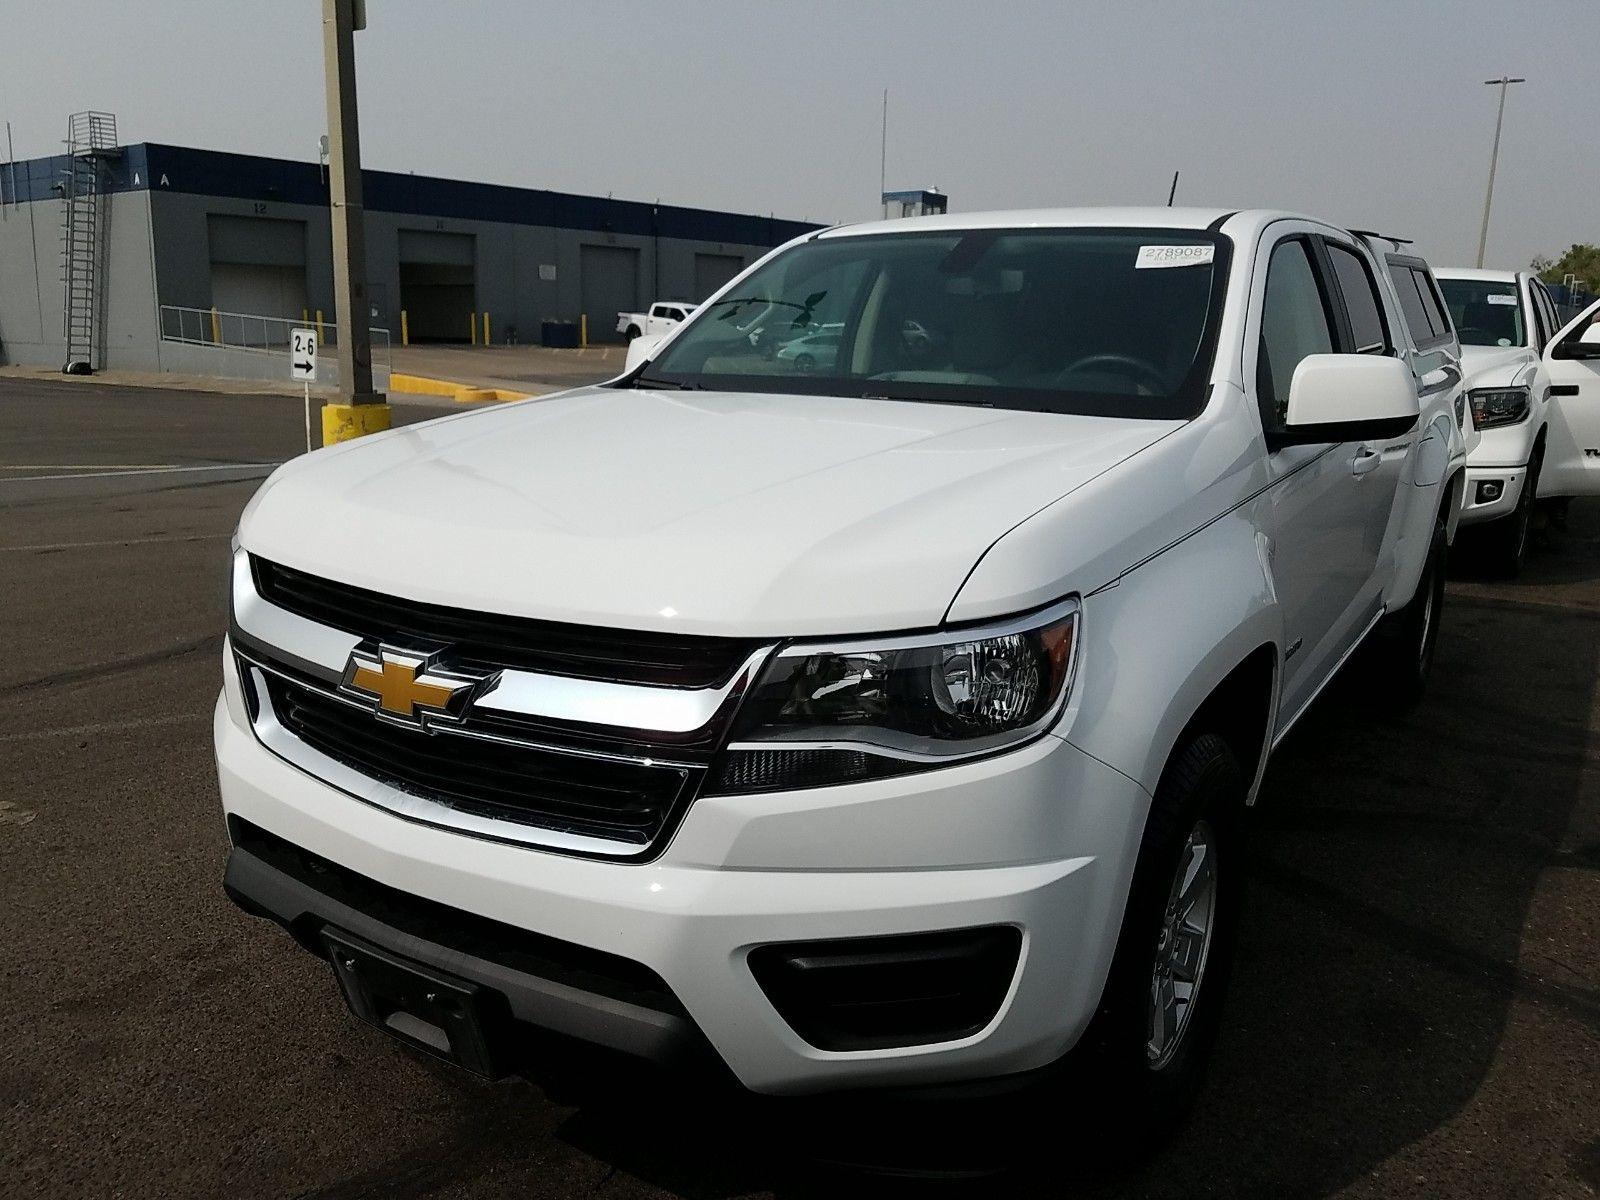 2016 Chevrolet Colorado 3.6. Lot 99913285347 Vin 1GCGTBE3XG1259135